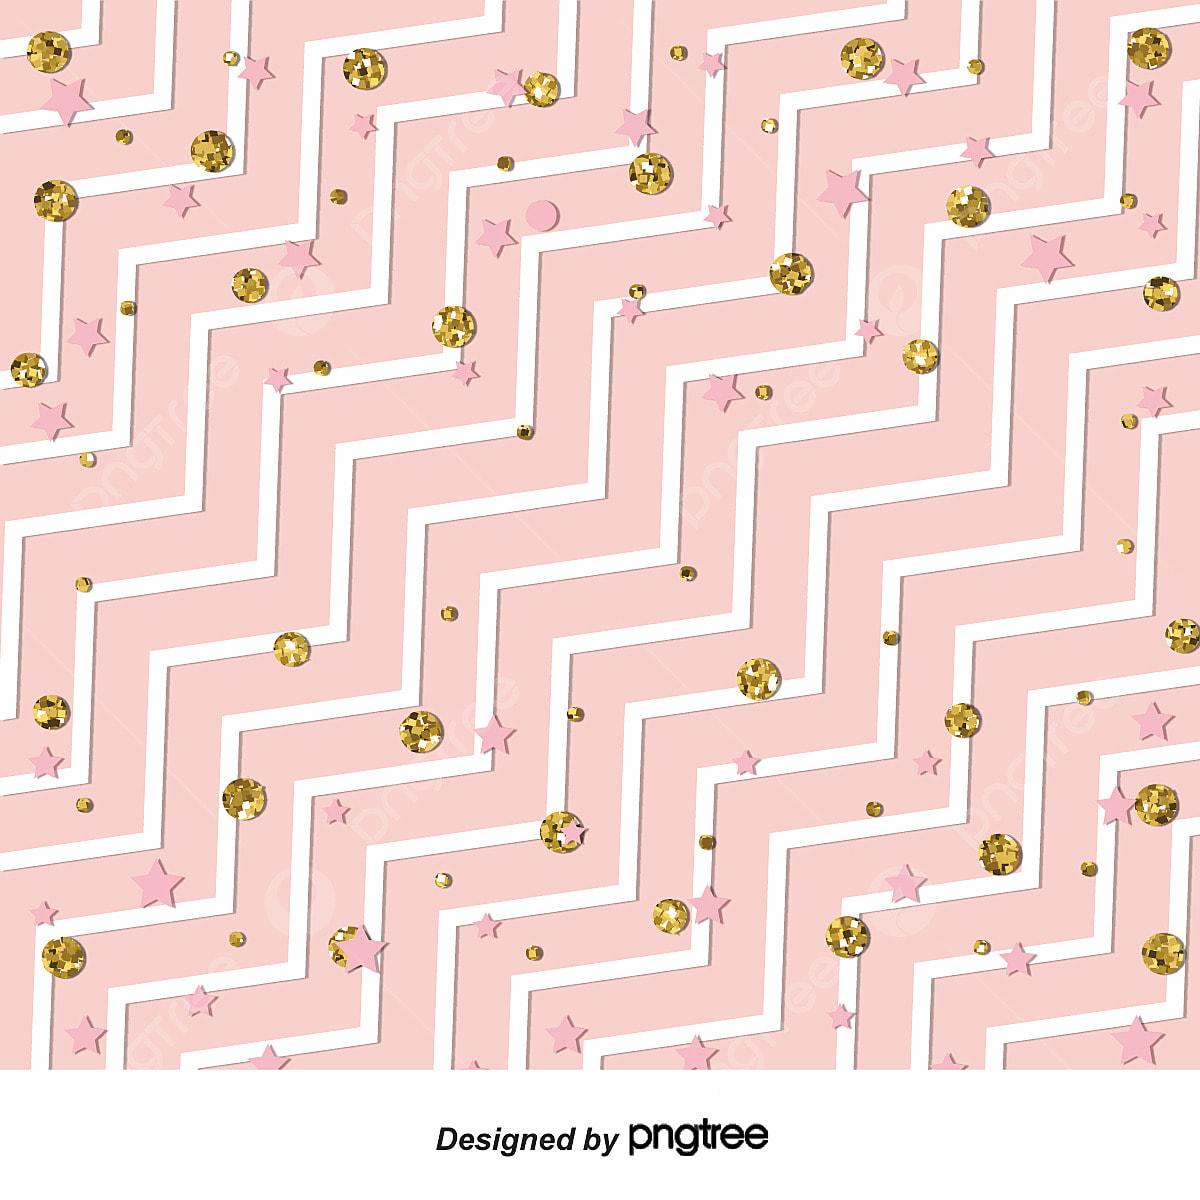 ピンクの壁紙 花 ストライプ 傾斜画像素材の無料ダウンロードのため